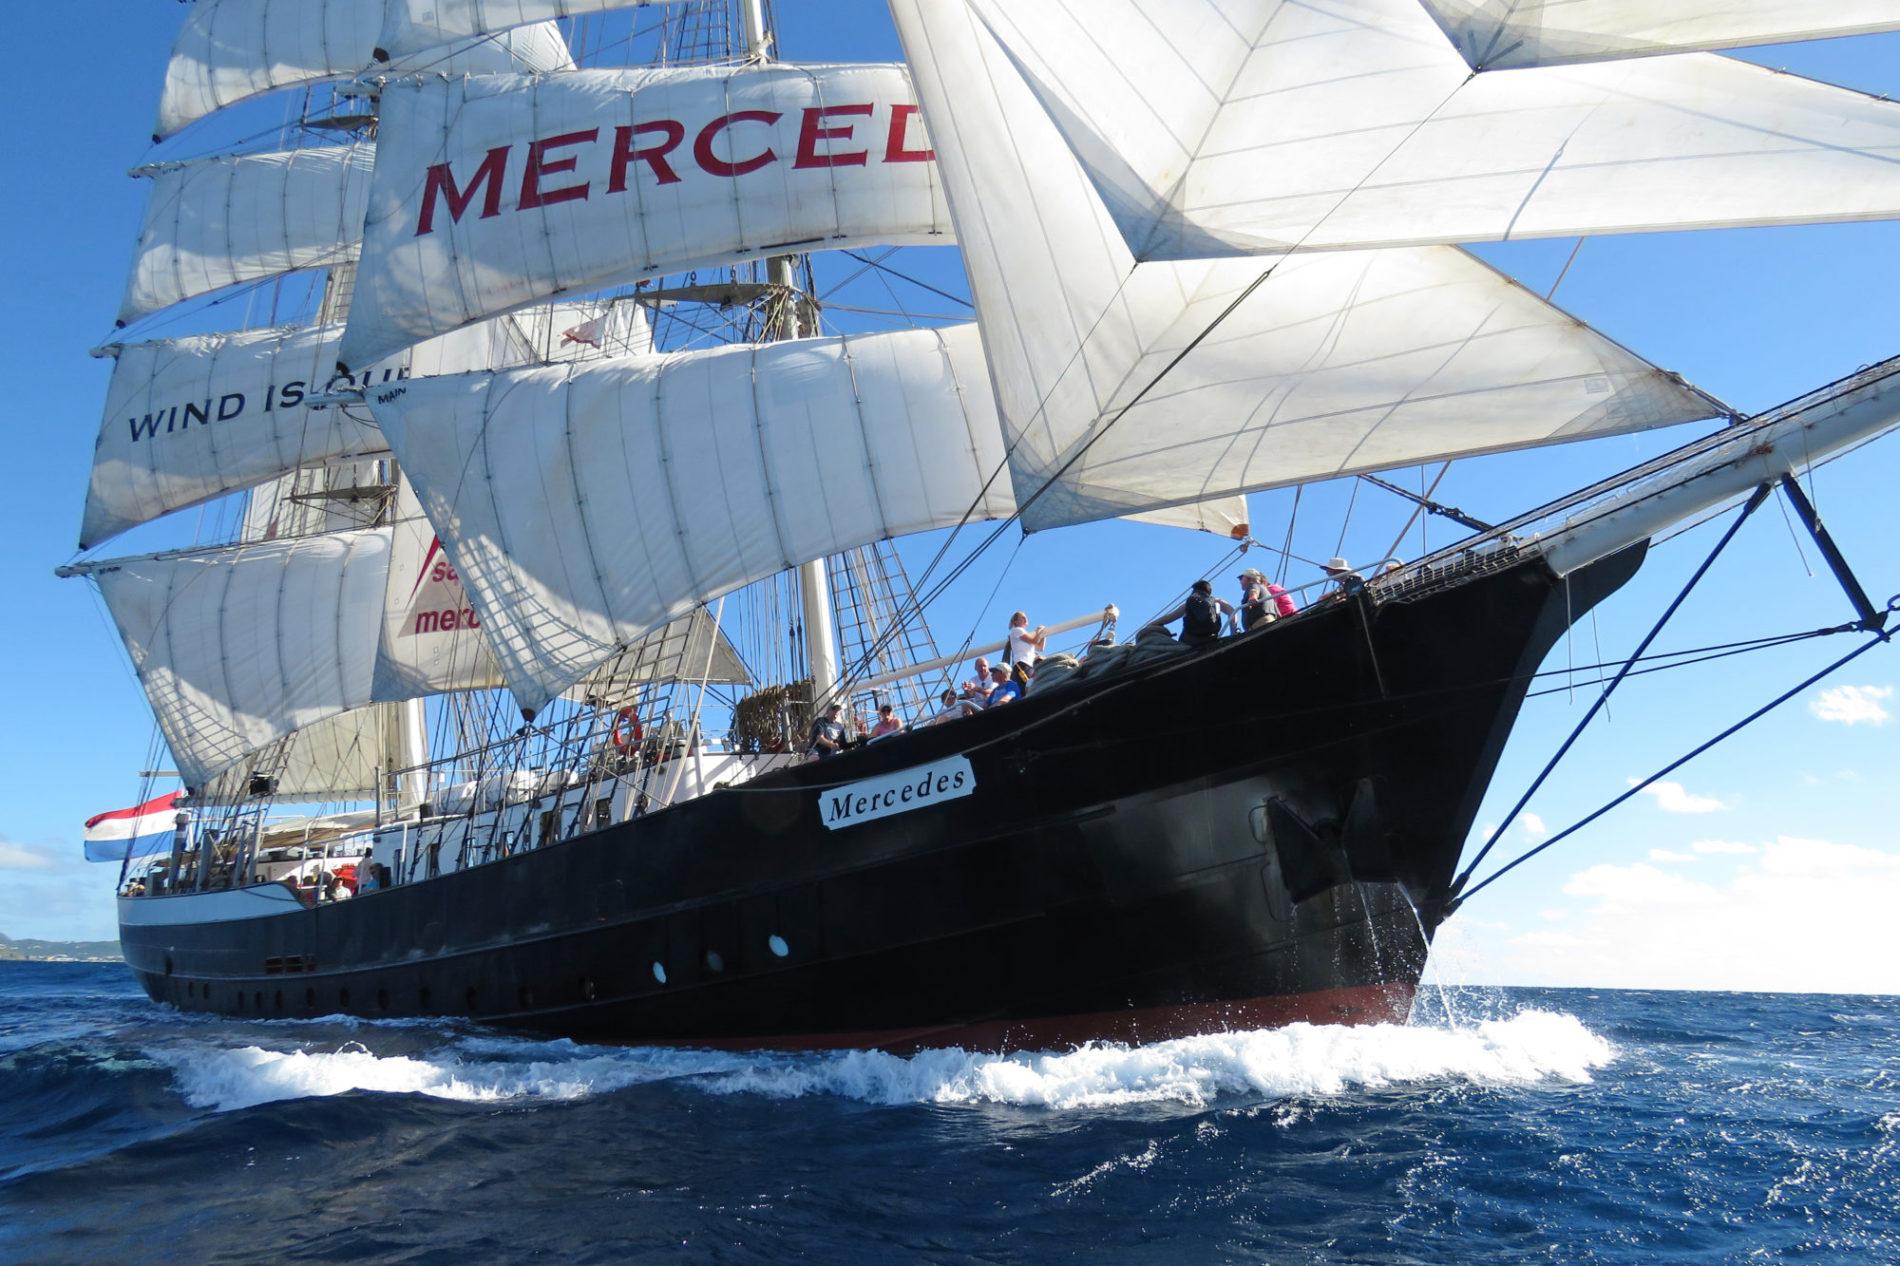 De zeilboot Mercedes die het water tr